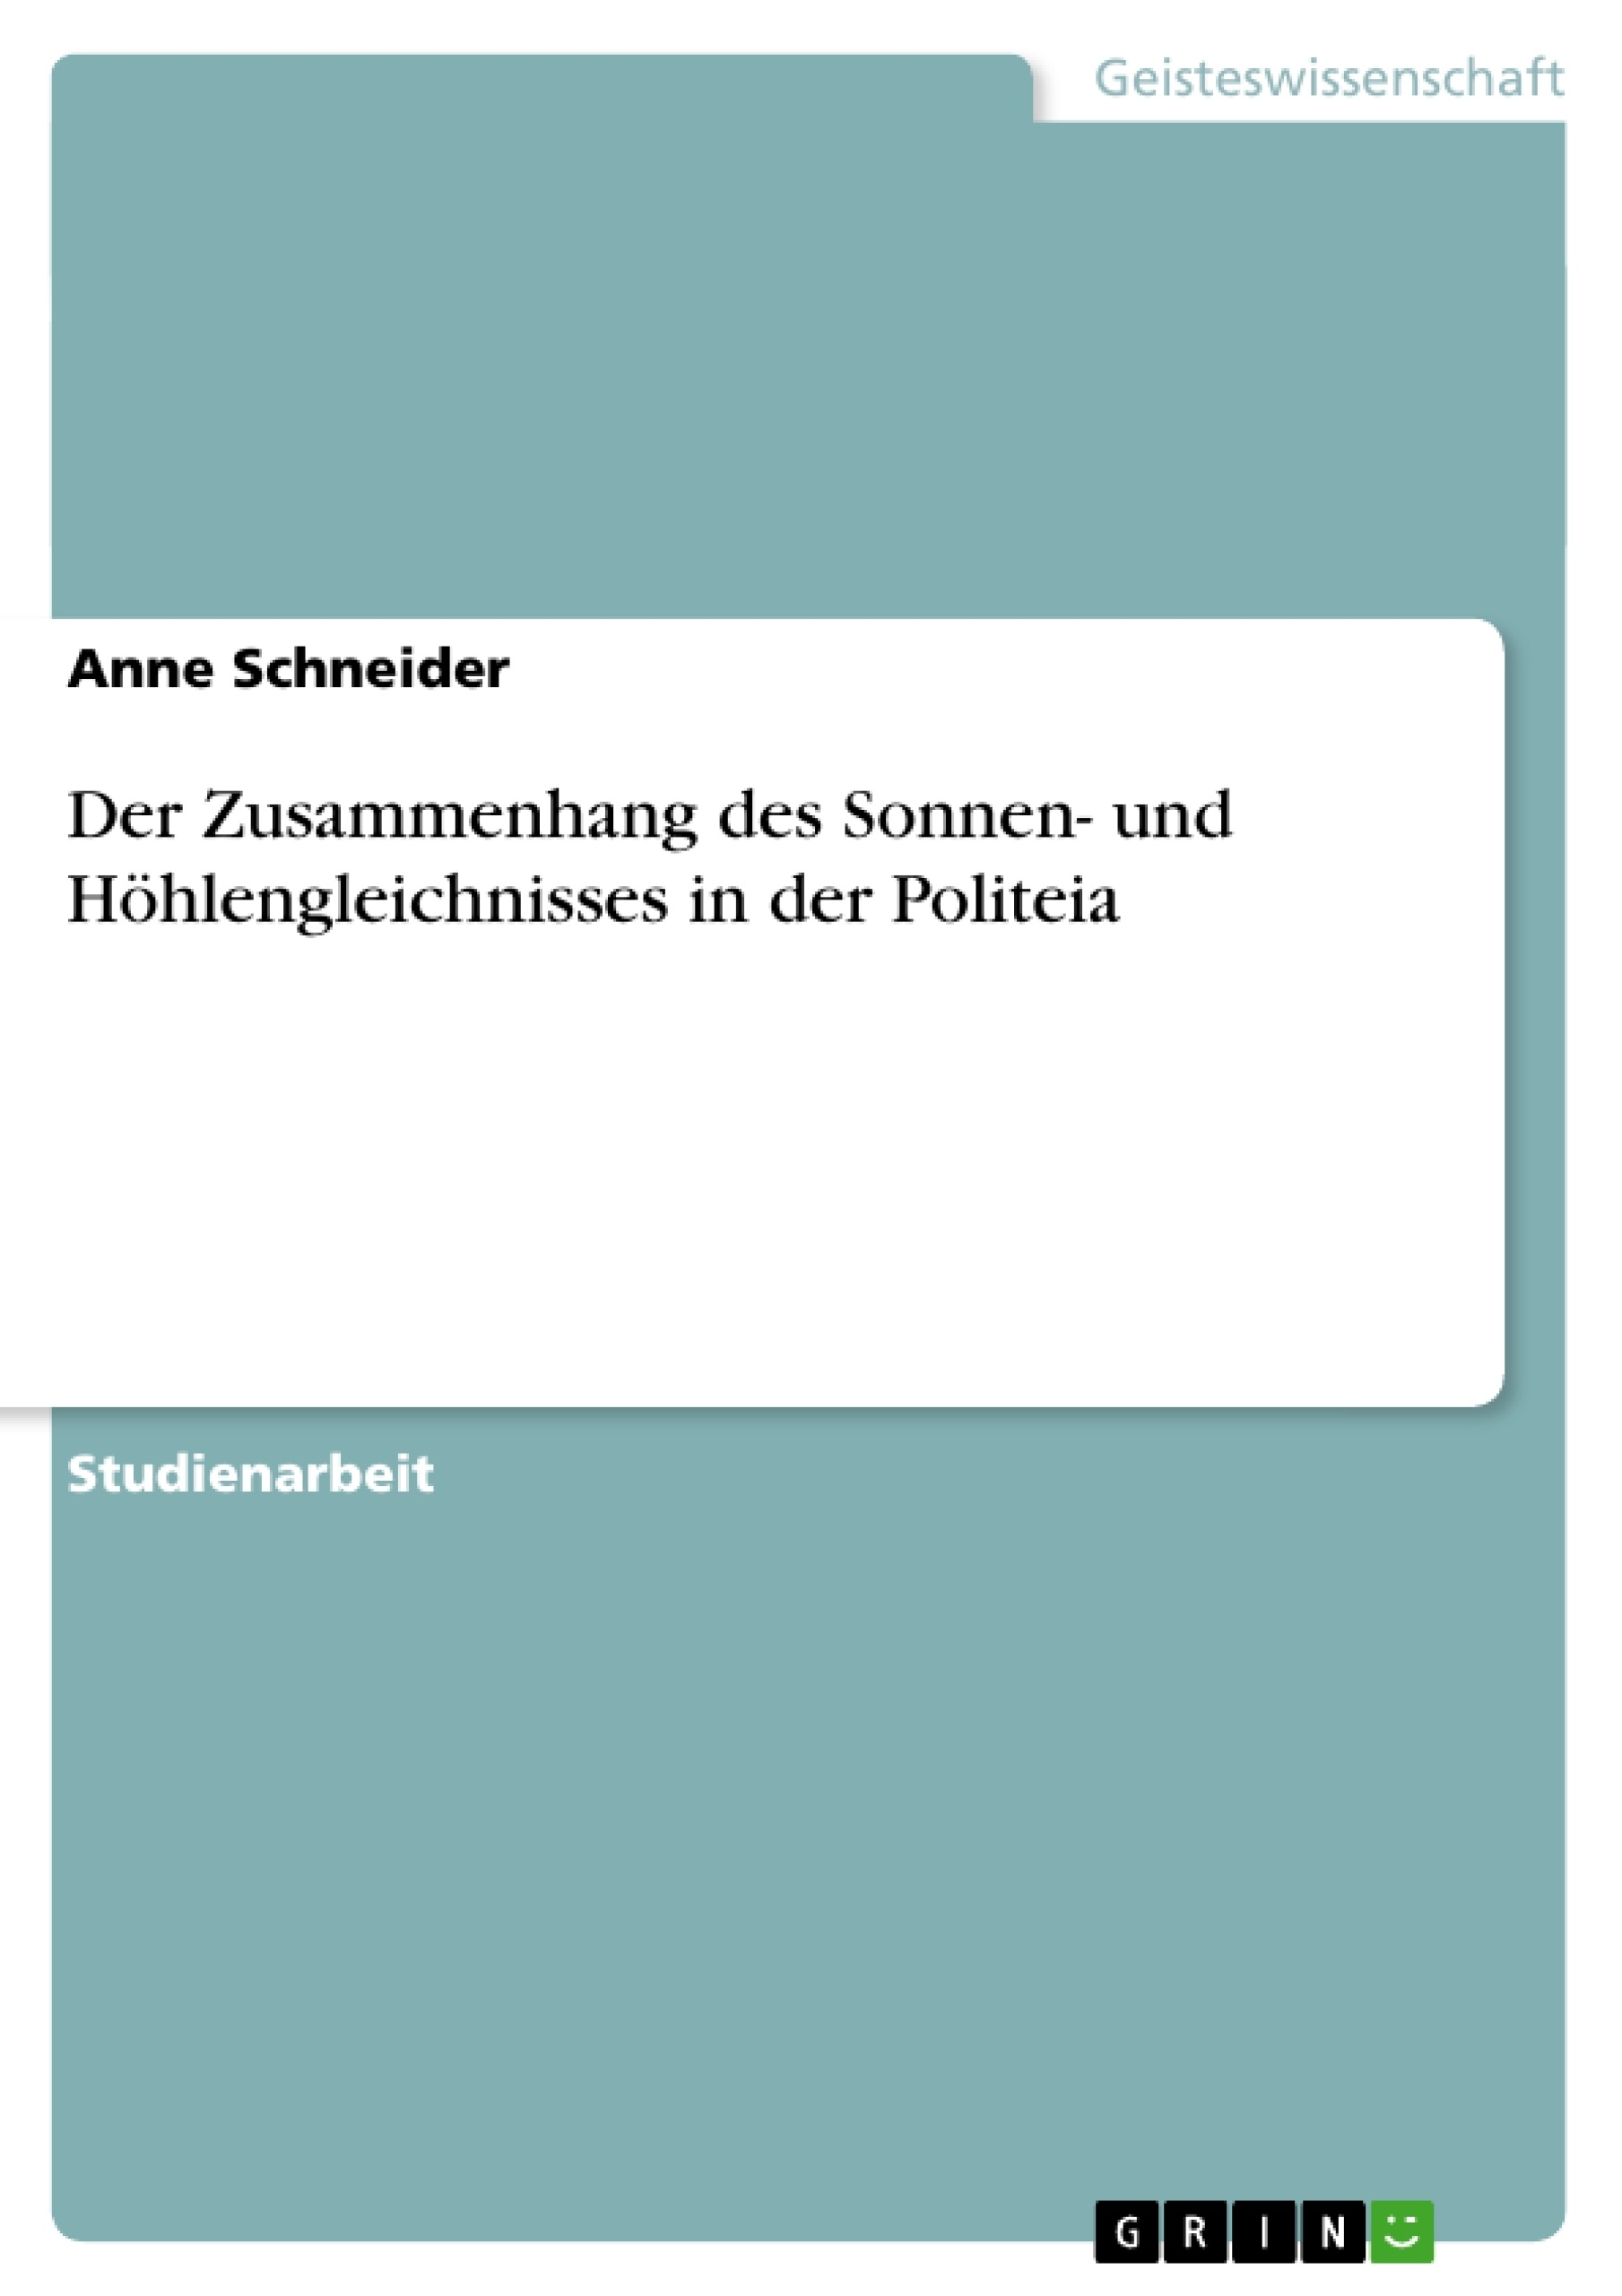 Titel: Der Zusammenhang des Sonnen- und Höhlengleichnisses in der Politeia